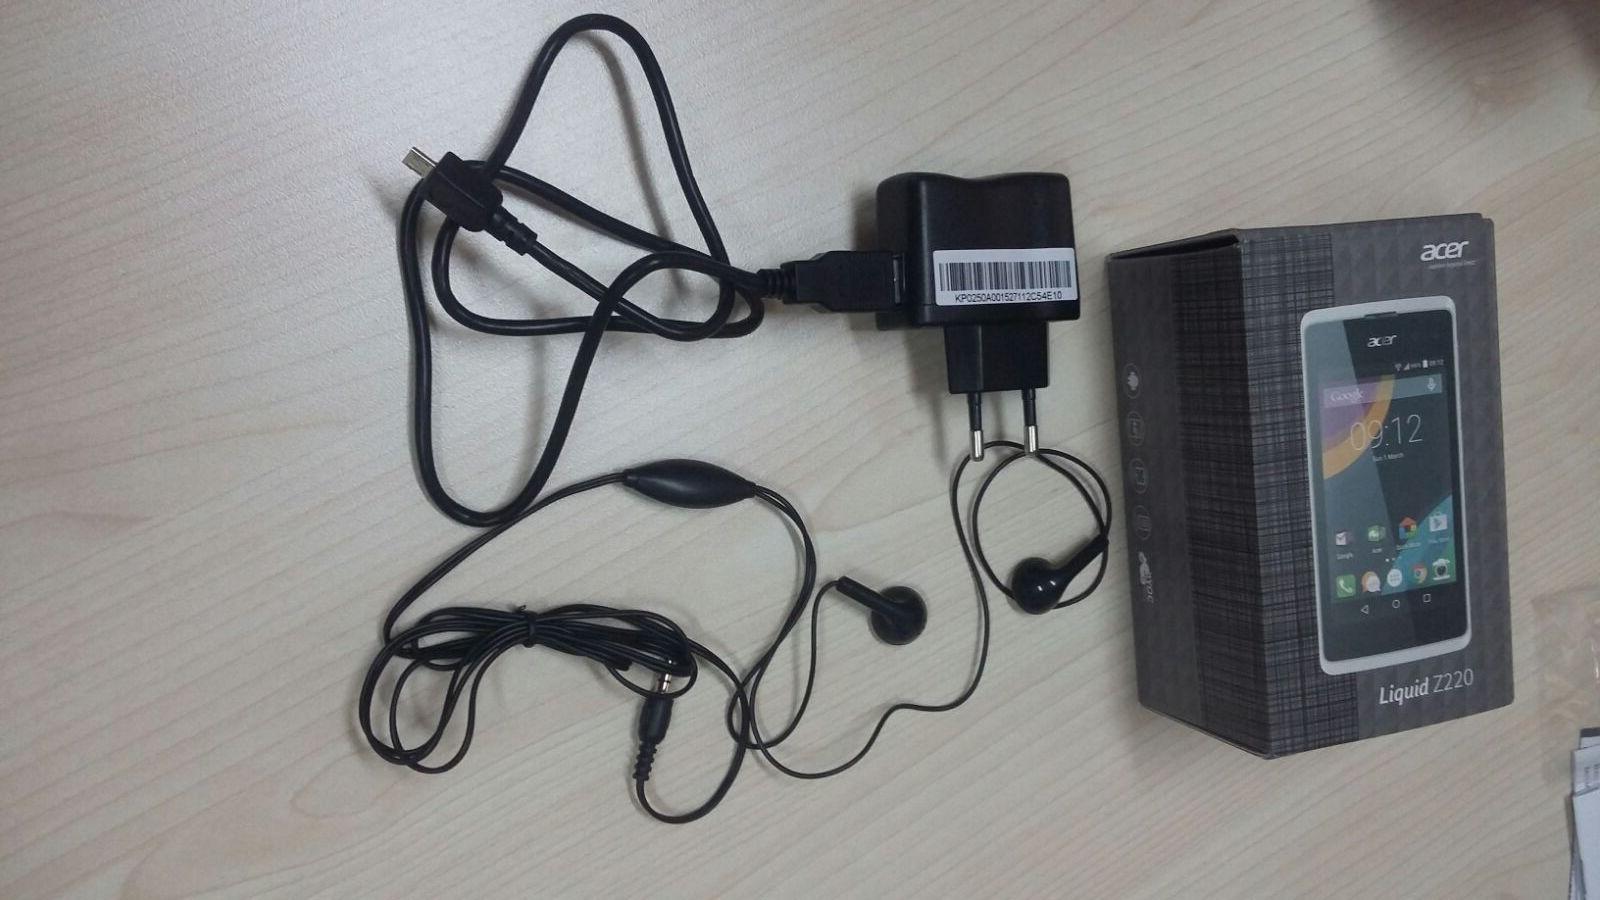 Inilah Kelengkapan Acer Z220